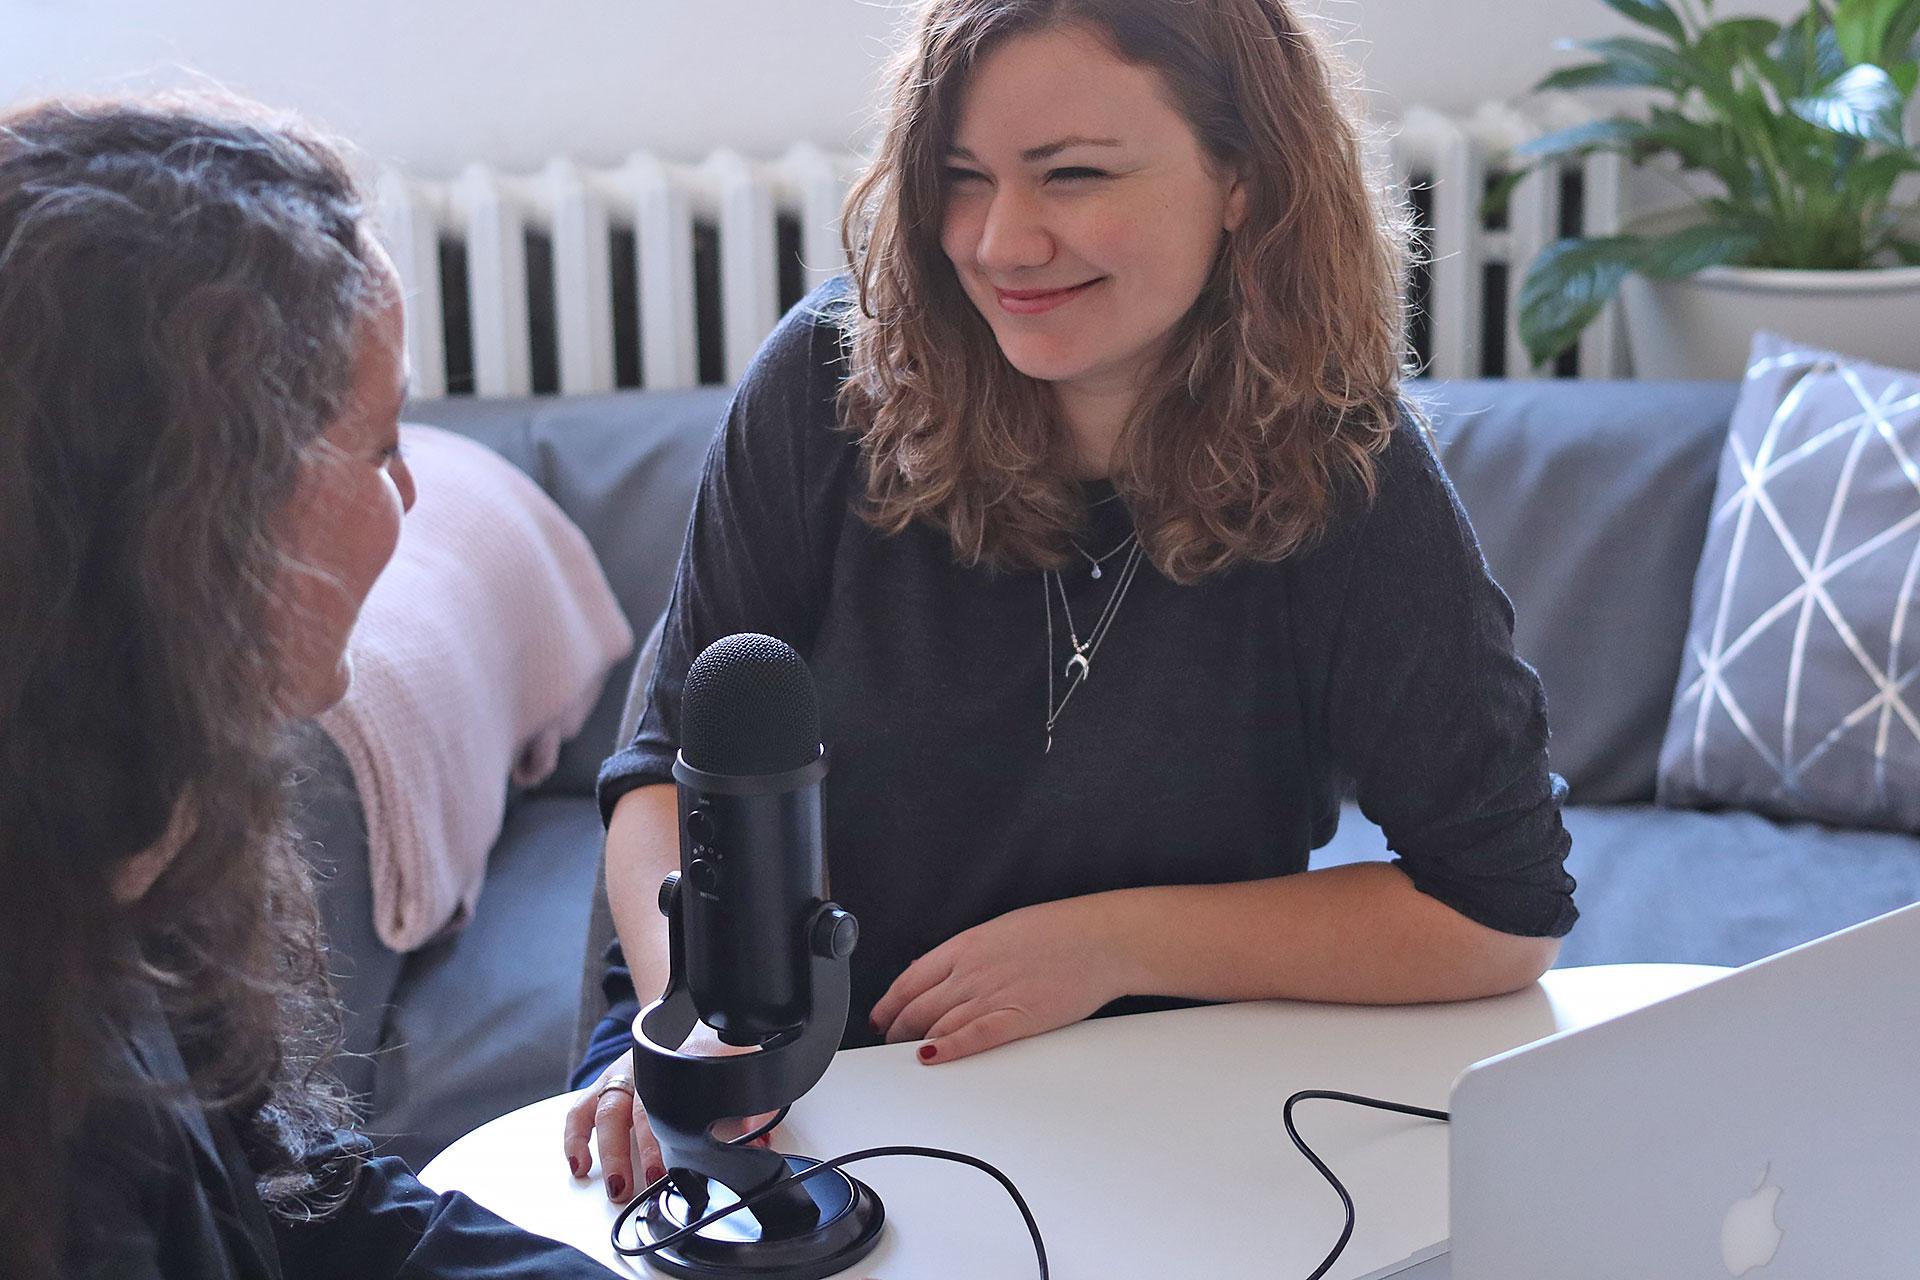 zwei junge Frauen mit einem Mikrofon nehmen im Wohnzimmer einen Podcast auf